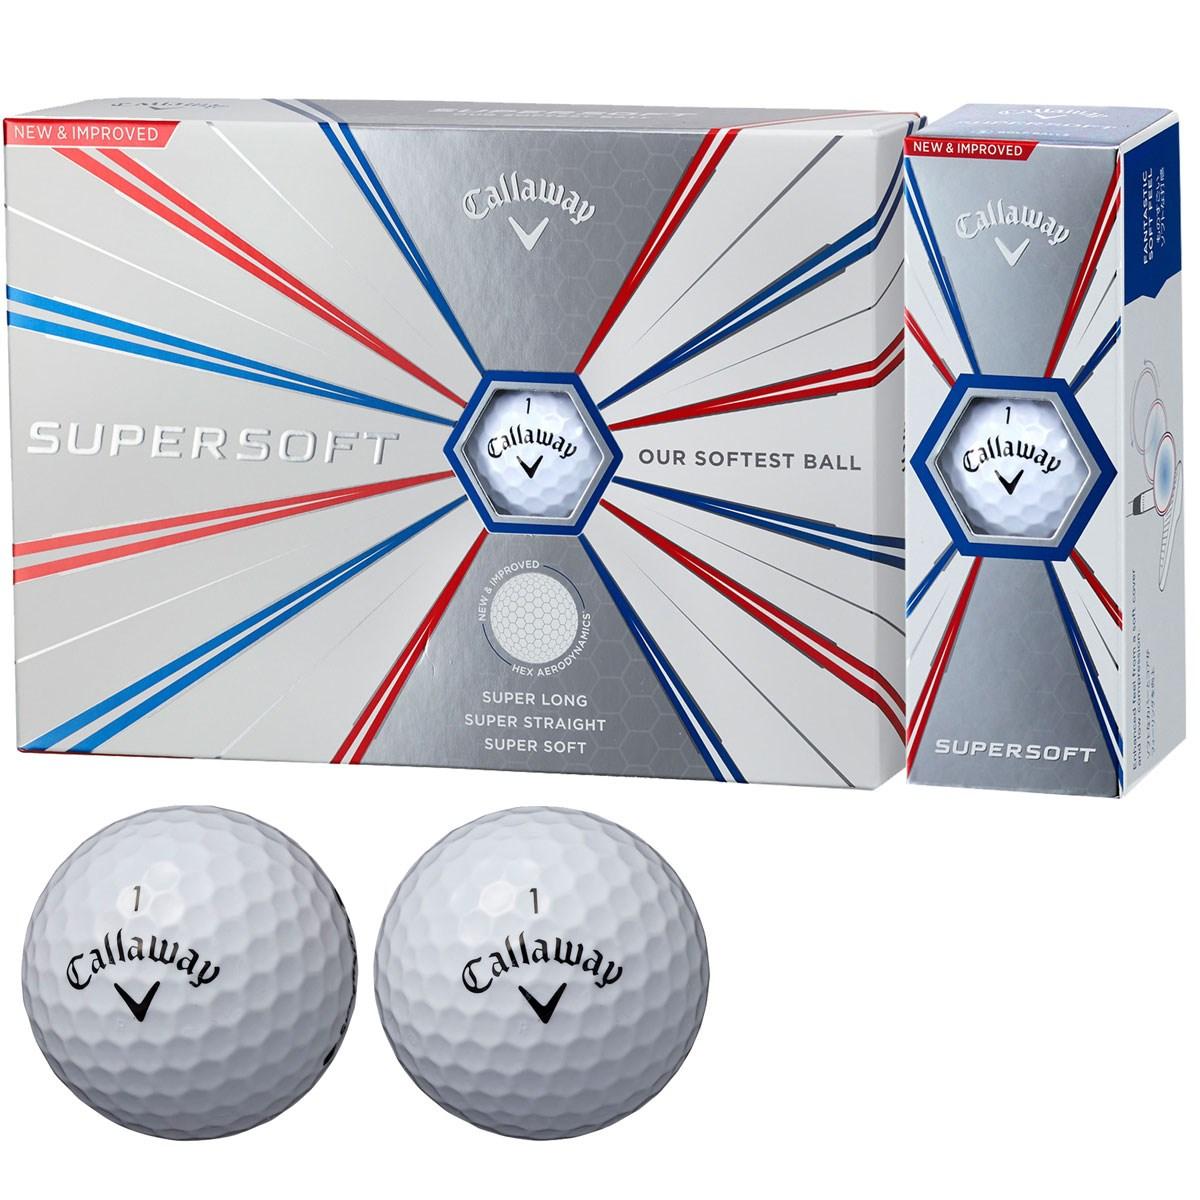 キャロウェイゴルフ SUPERSOFT SUPERSOFT 19 ボール 5ダースセット 5ダース(60個入り) ホワイト